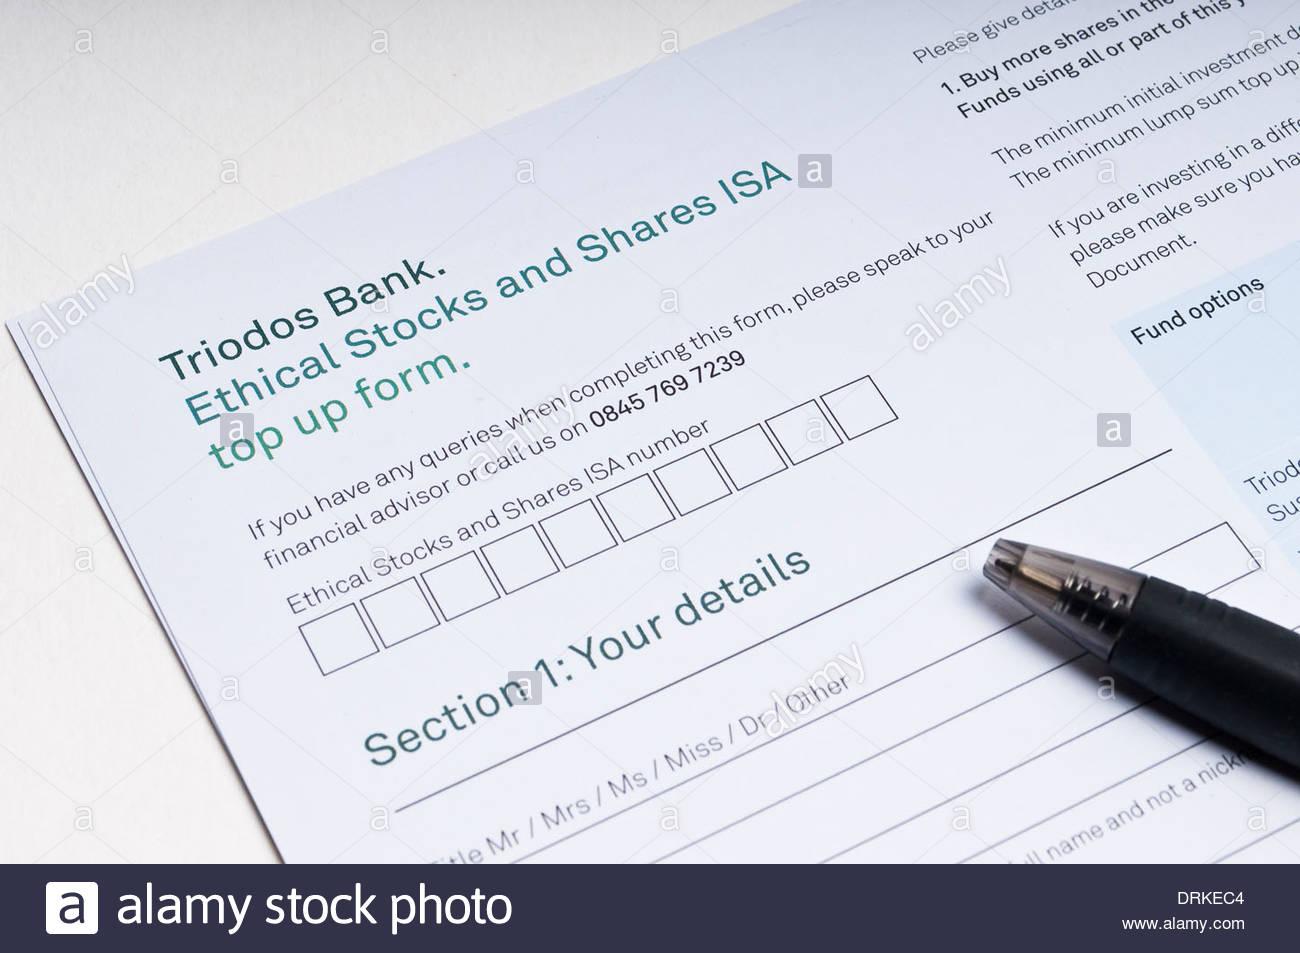 Formulario de solicitud para Triodos Bank valores éticos y comparte ISA Imagen De Stock